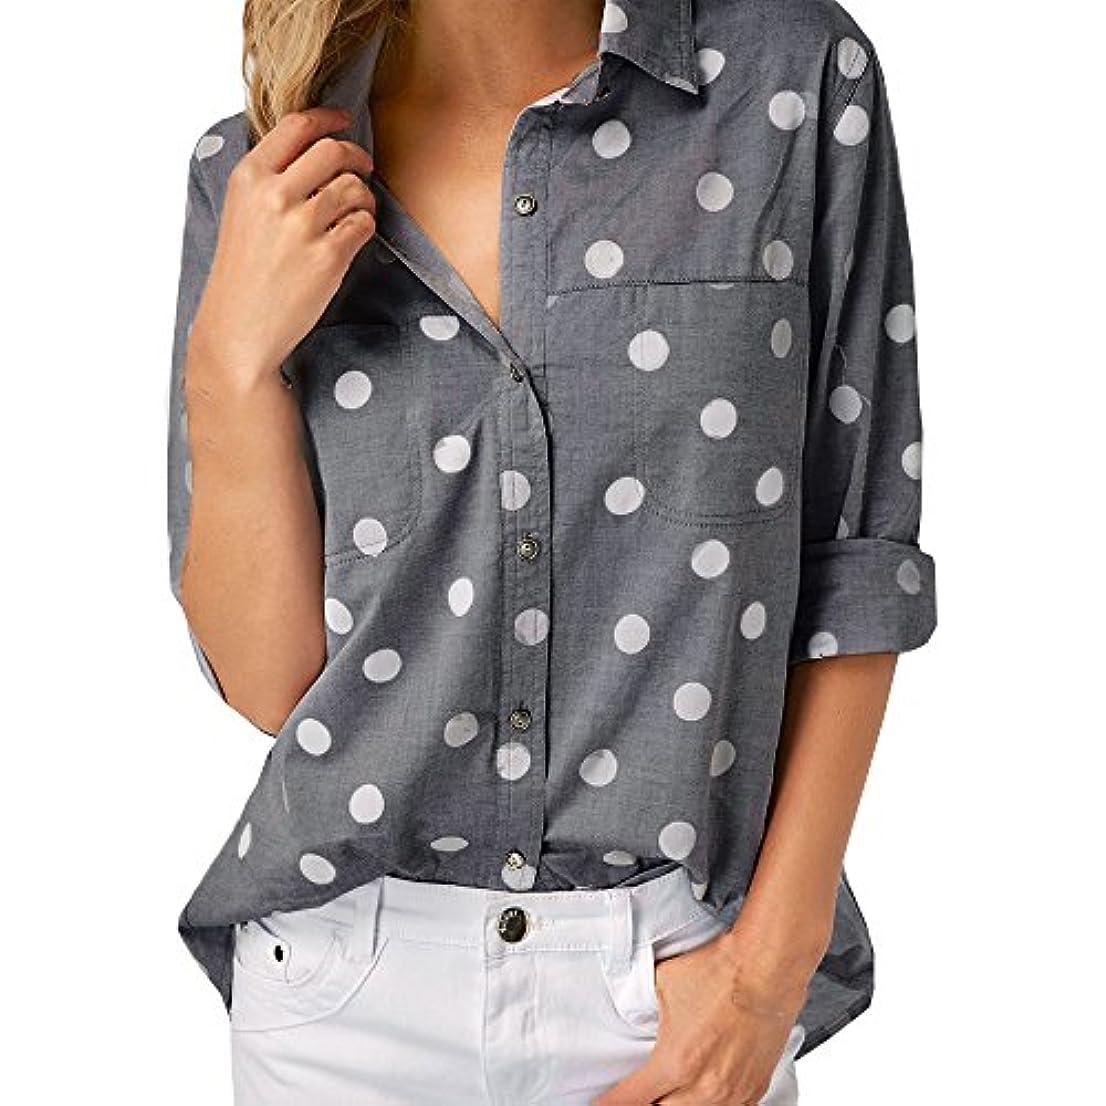 砂漠マルクス主義動物園SakuraBest Women Work Office Dot Print Spring Autumn Long Sleeve Button Down Shirt Blouse Top